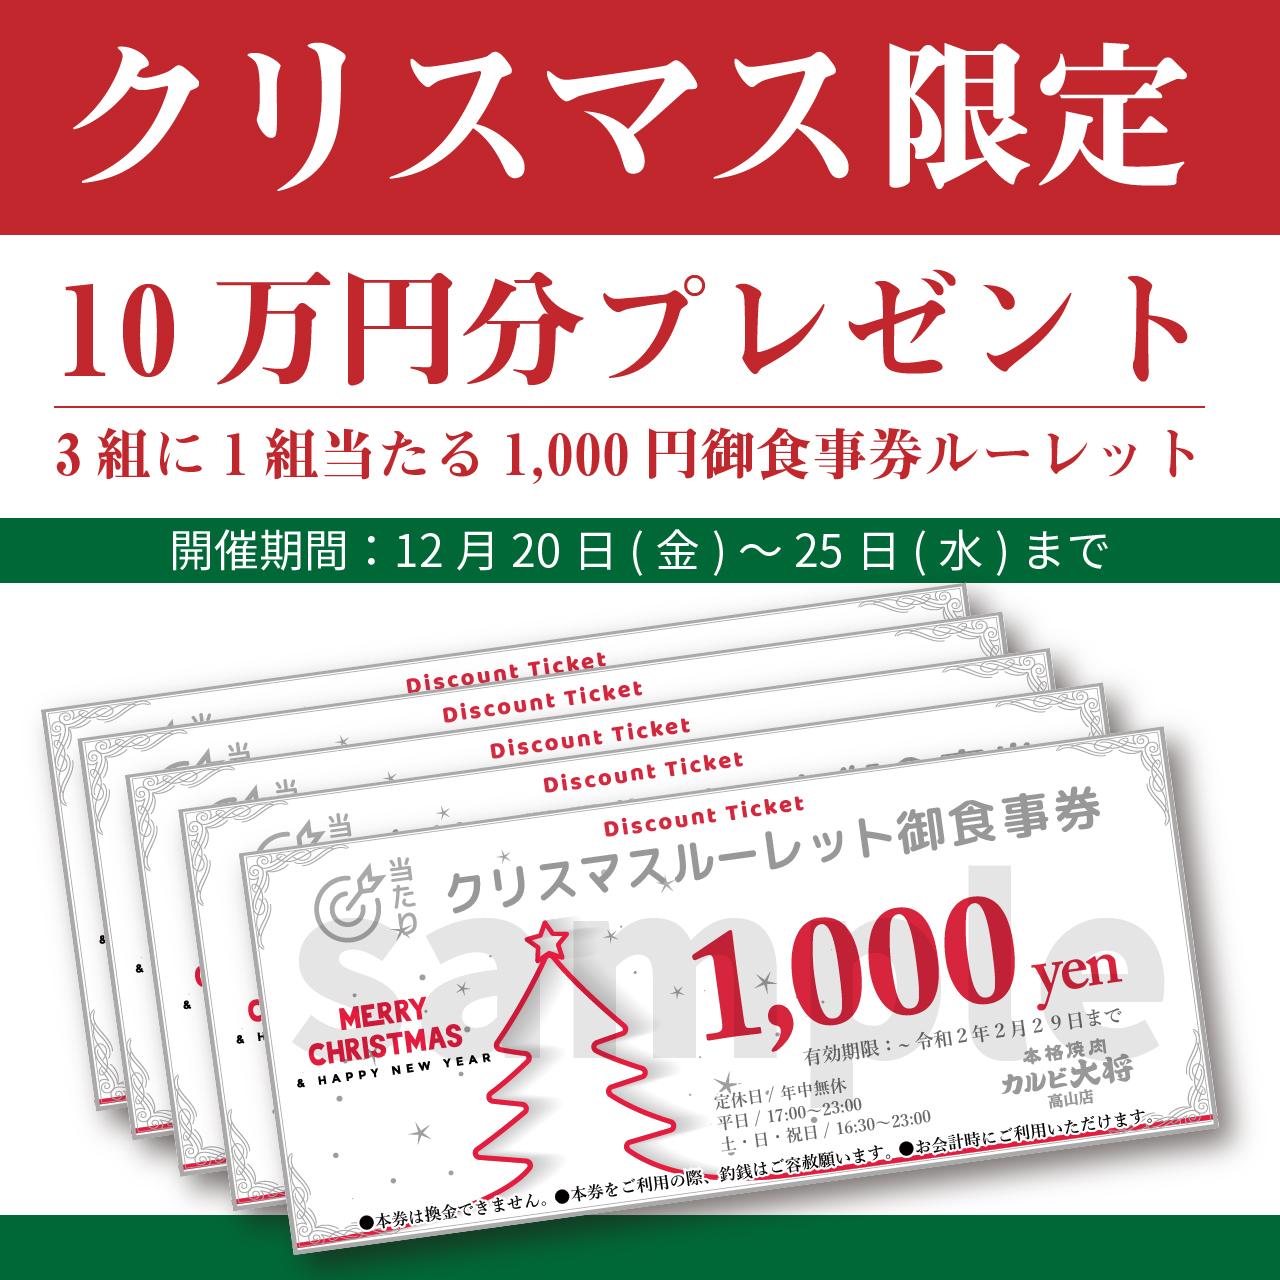 クリスマス限定 10万円プレゼント 3組に1組当たる1,000円御食事券ルーレット 12月20日~25日まで 高山市 焼肉